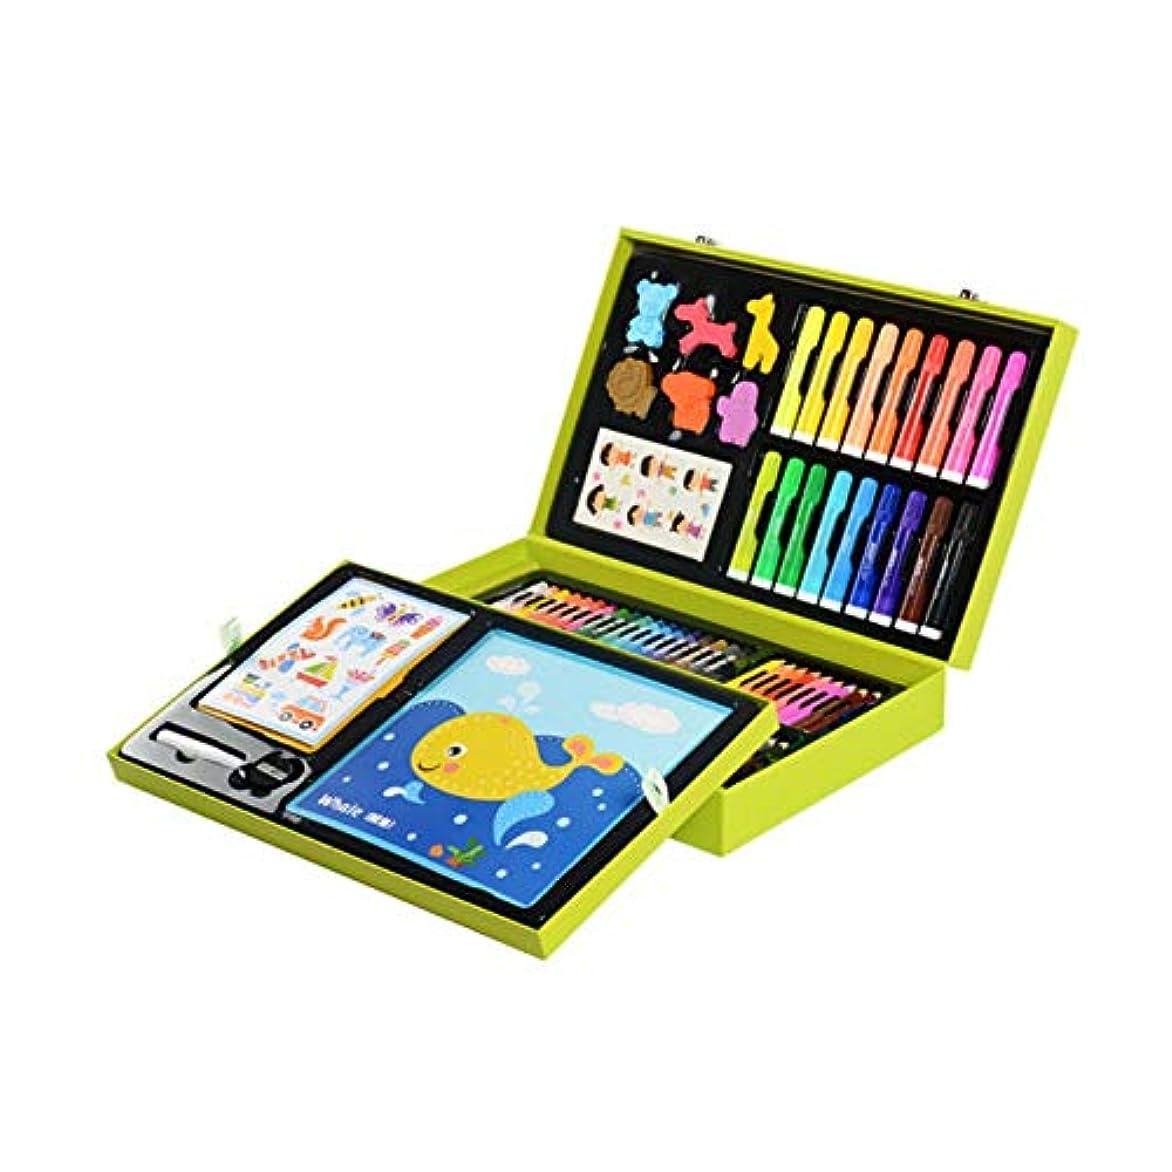 系統的支配的思われるHongyuantongxun001 ペイントブラシ、滑らかな132子供の絵画セット、繊細なデザインの学生練習絵画特別なブラシセット(132個、37 * 23 * 8cm) カジュアルな絵画 (Color : Green, Size : 37*23*8cm)